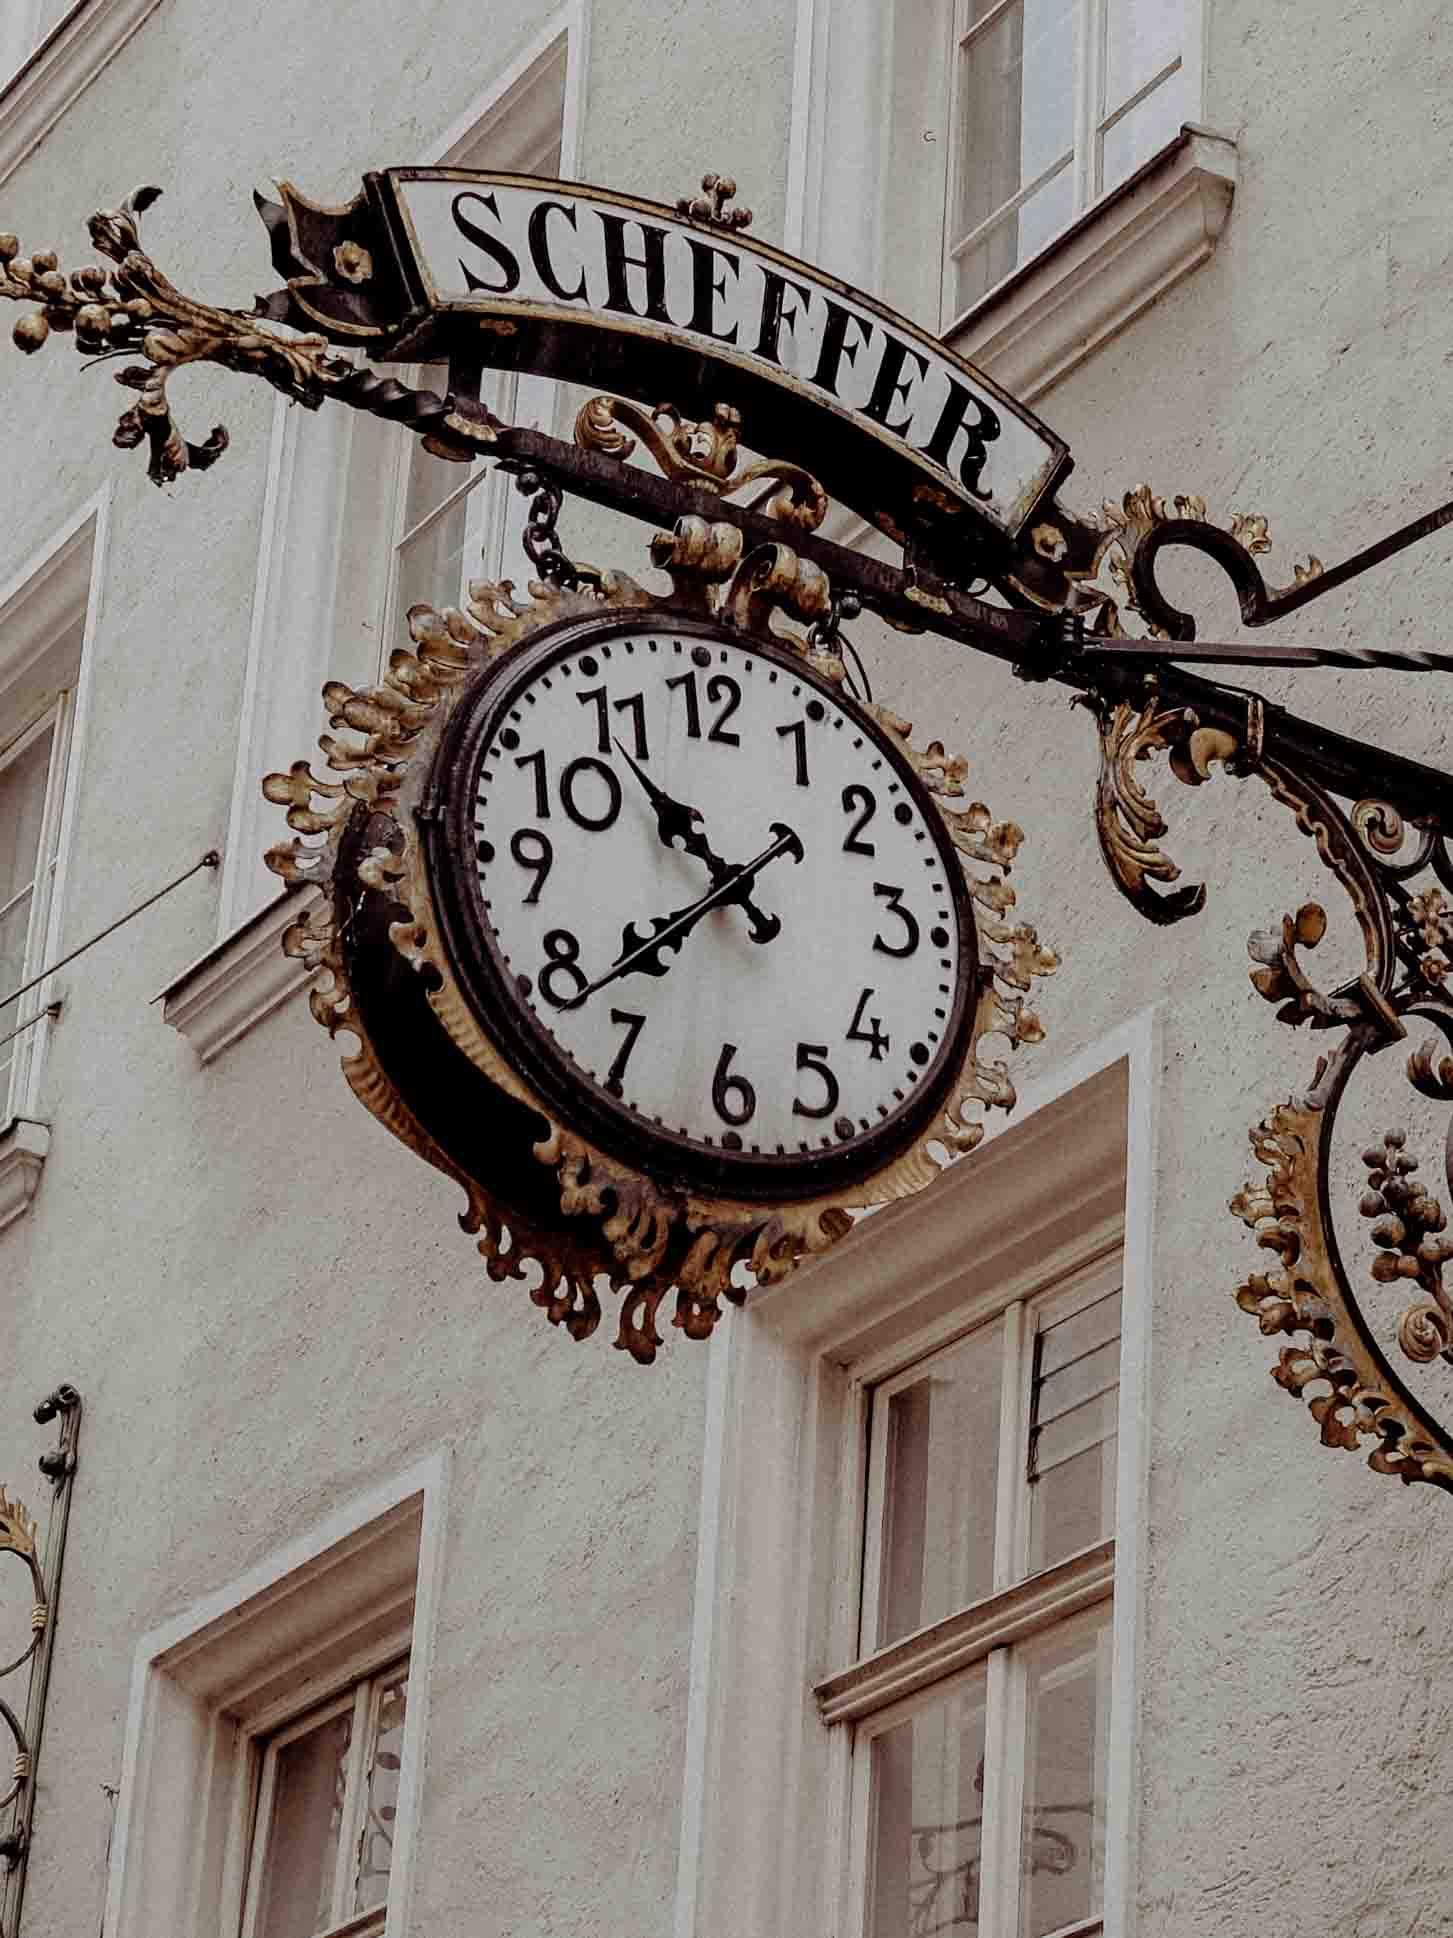 Scheunenhochzeit in Salzburg